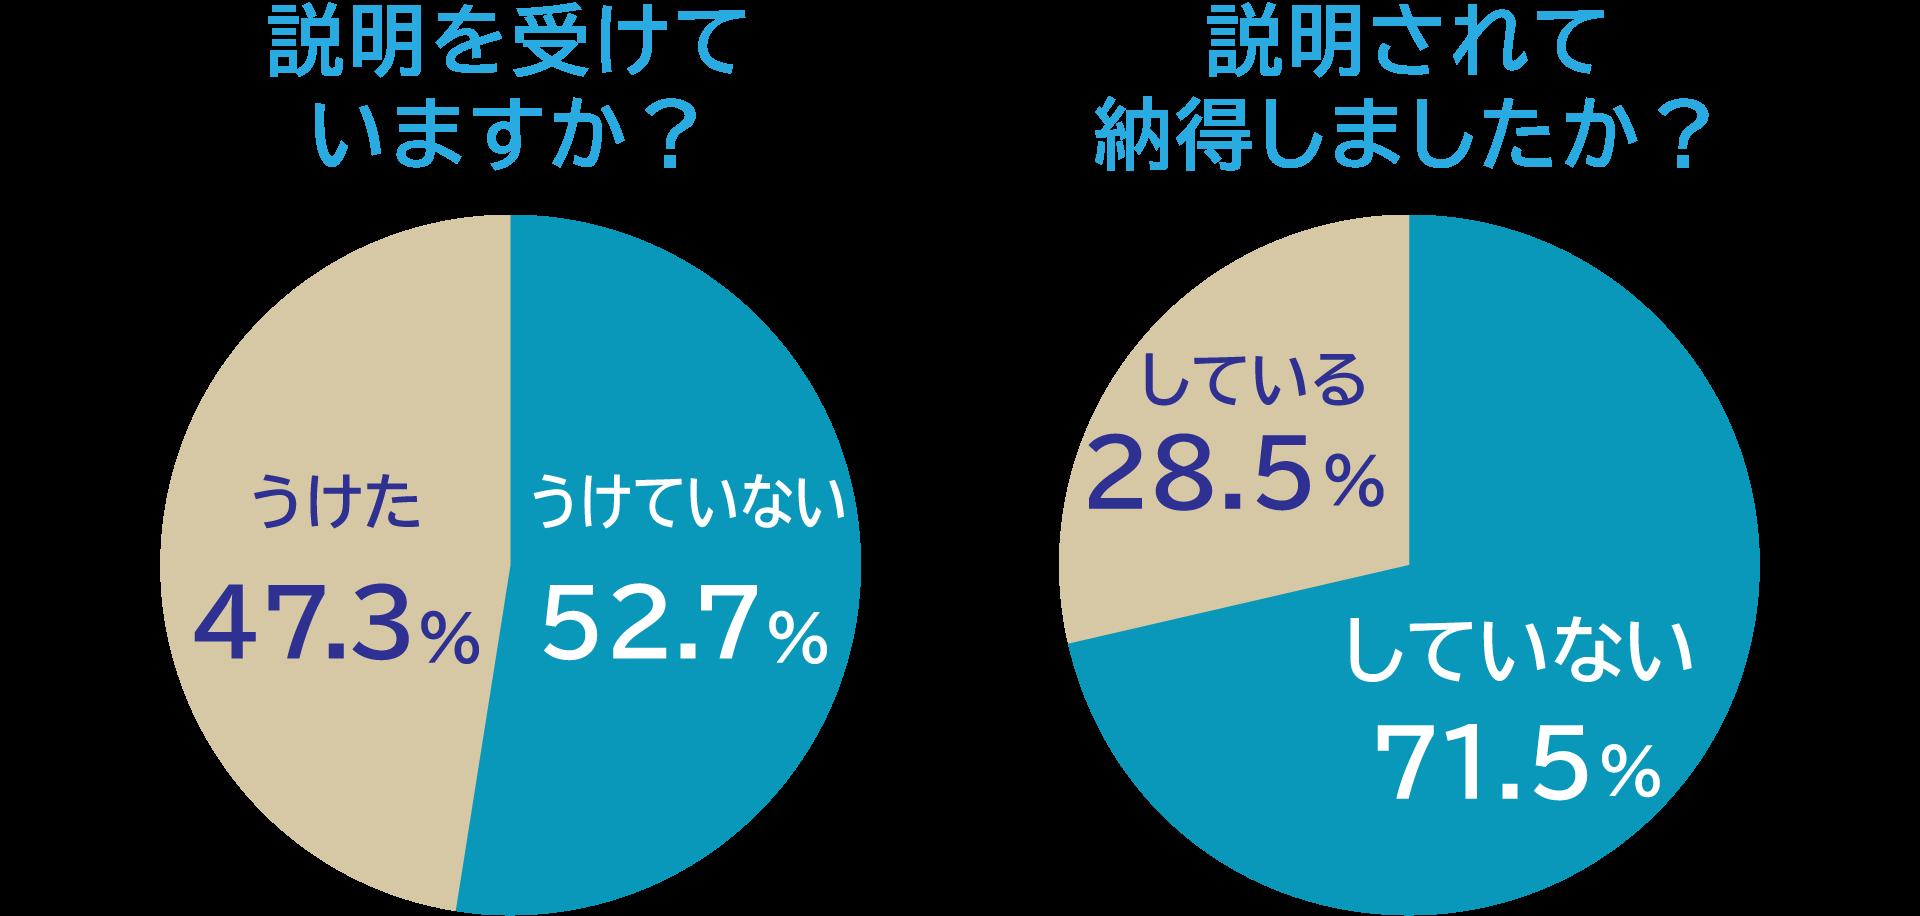 説明を受けていますか?「説明をうけていない」52.7%「説明をうけた」47.3%、説明されて納得しましたか?「納得していない」71.5%「納得している」28.5%